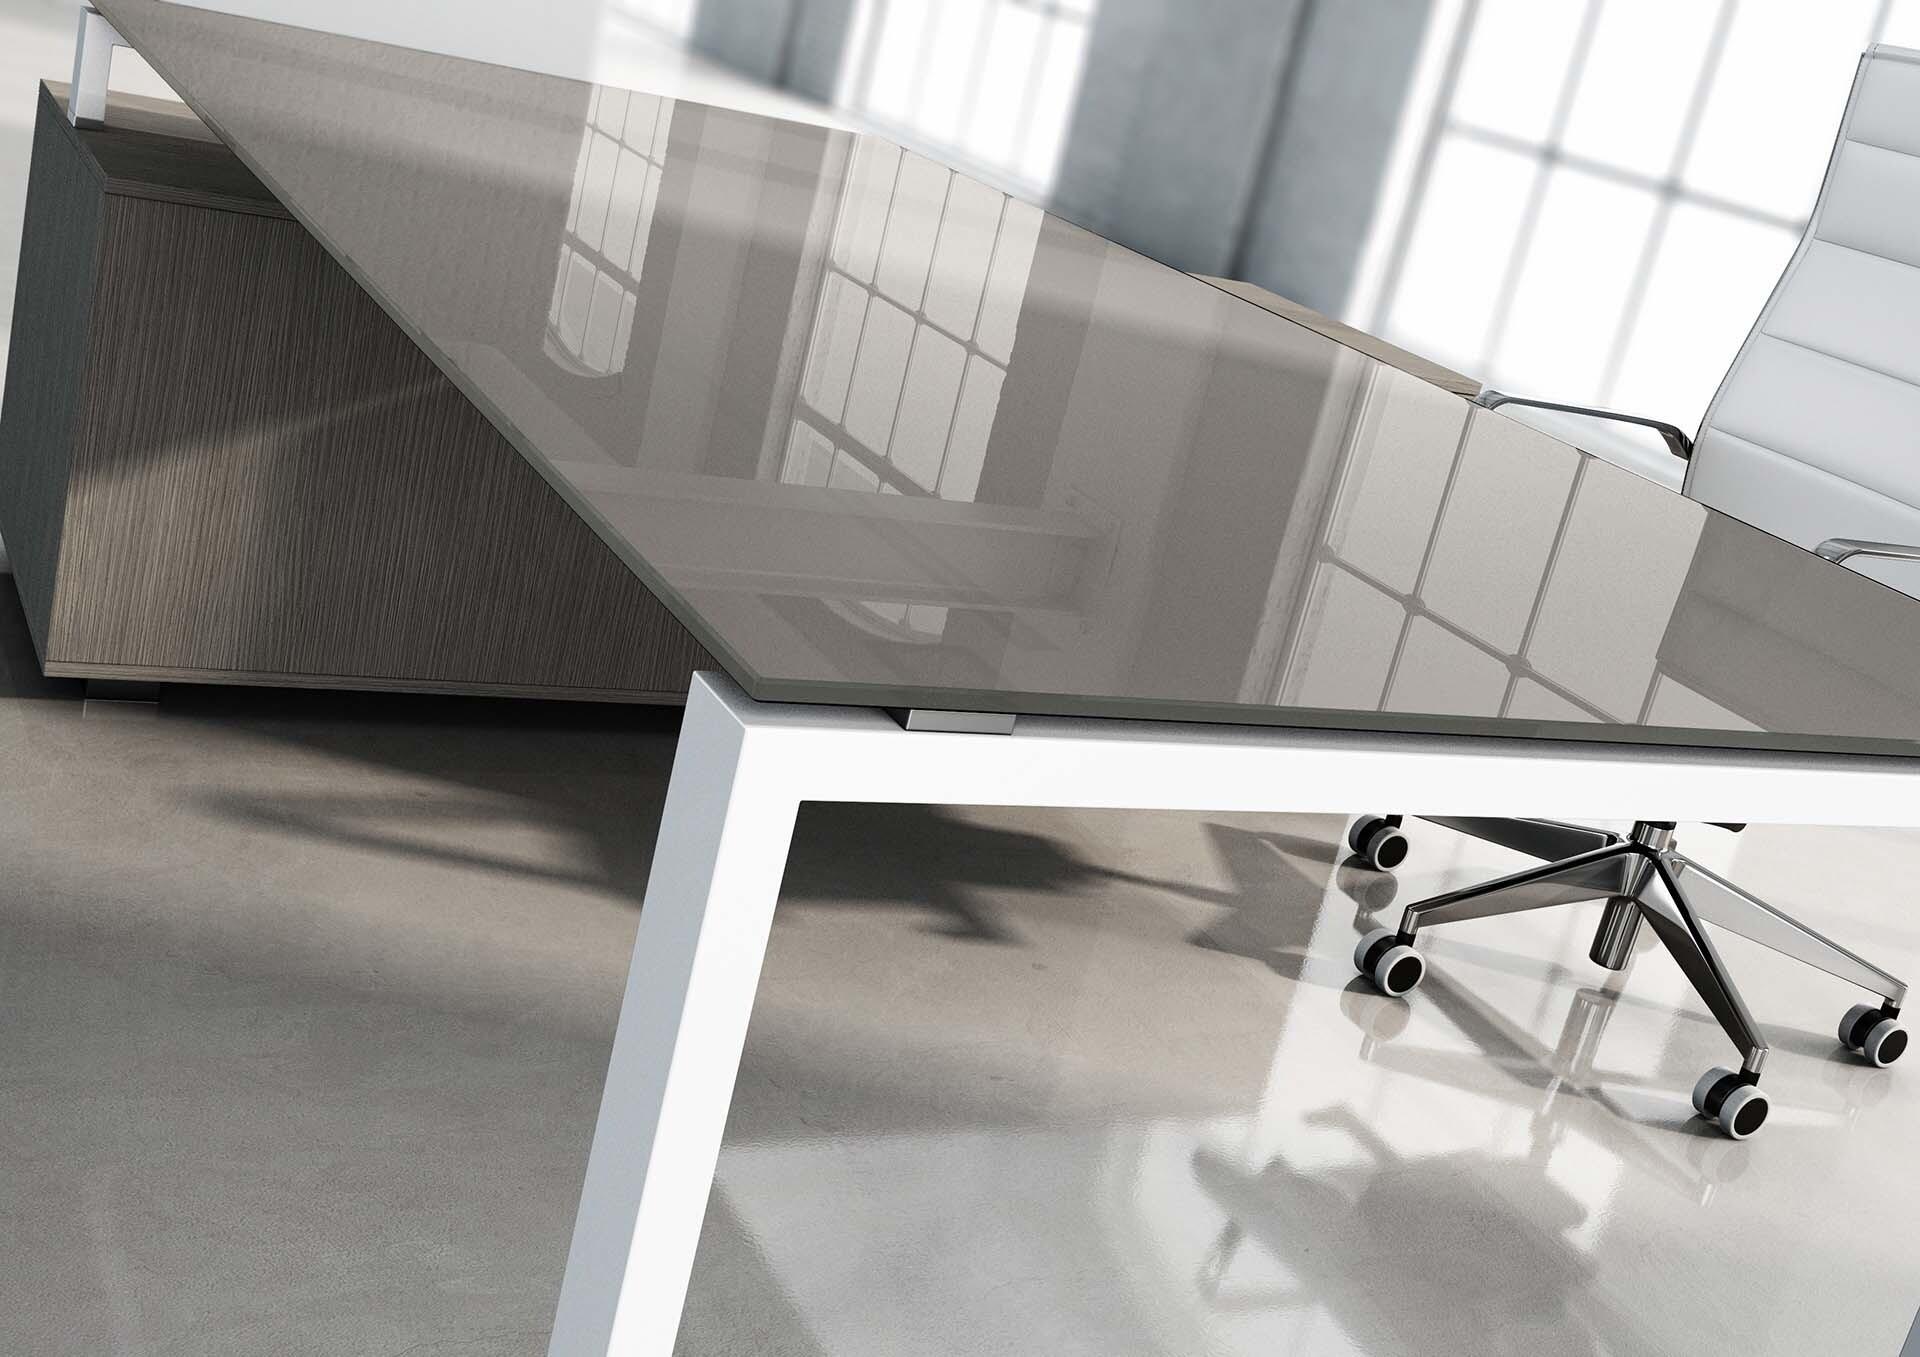 sedicinoni-desk-s1lux-glass.jpg